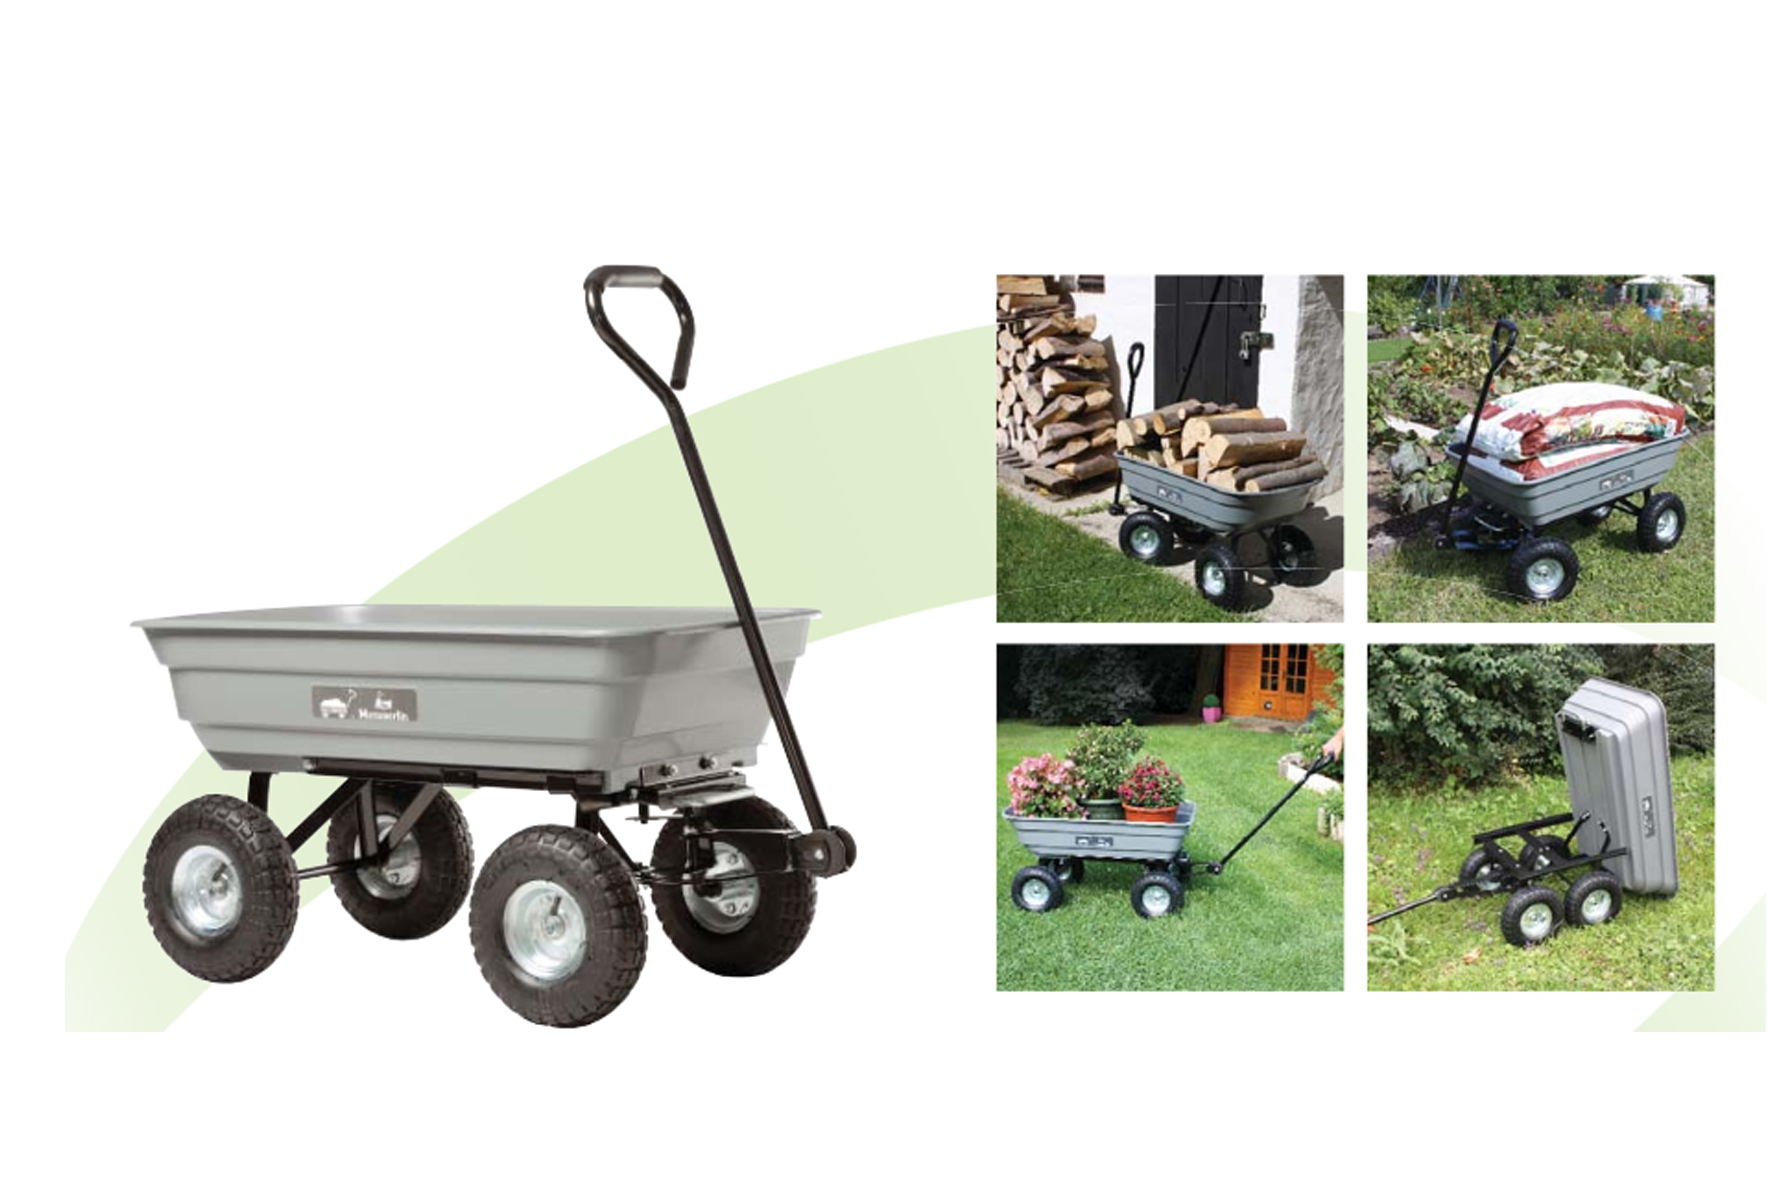 Chariot de jardin haemmerlin. Achat en ligne ou dans notre magasin.